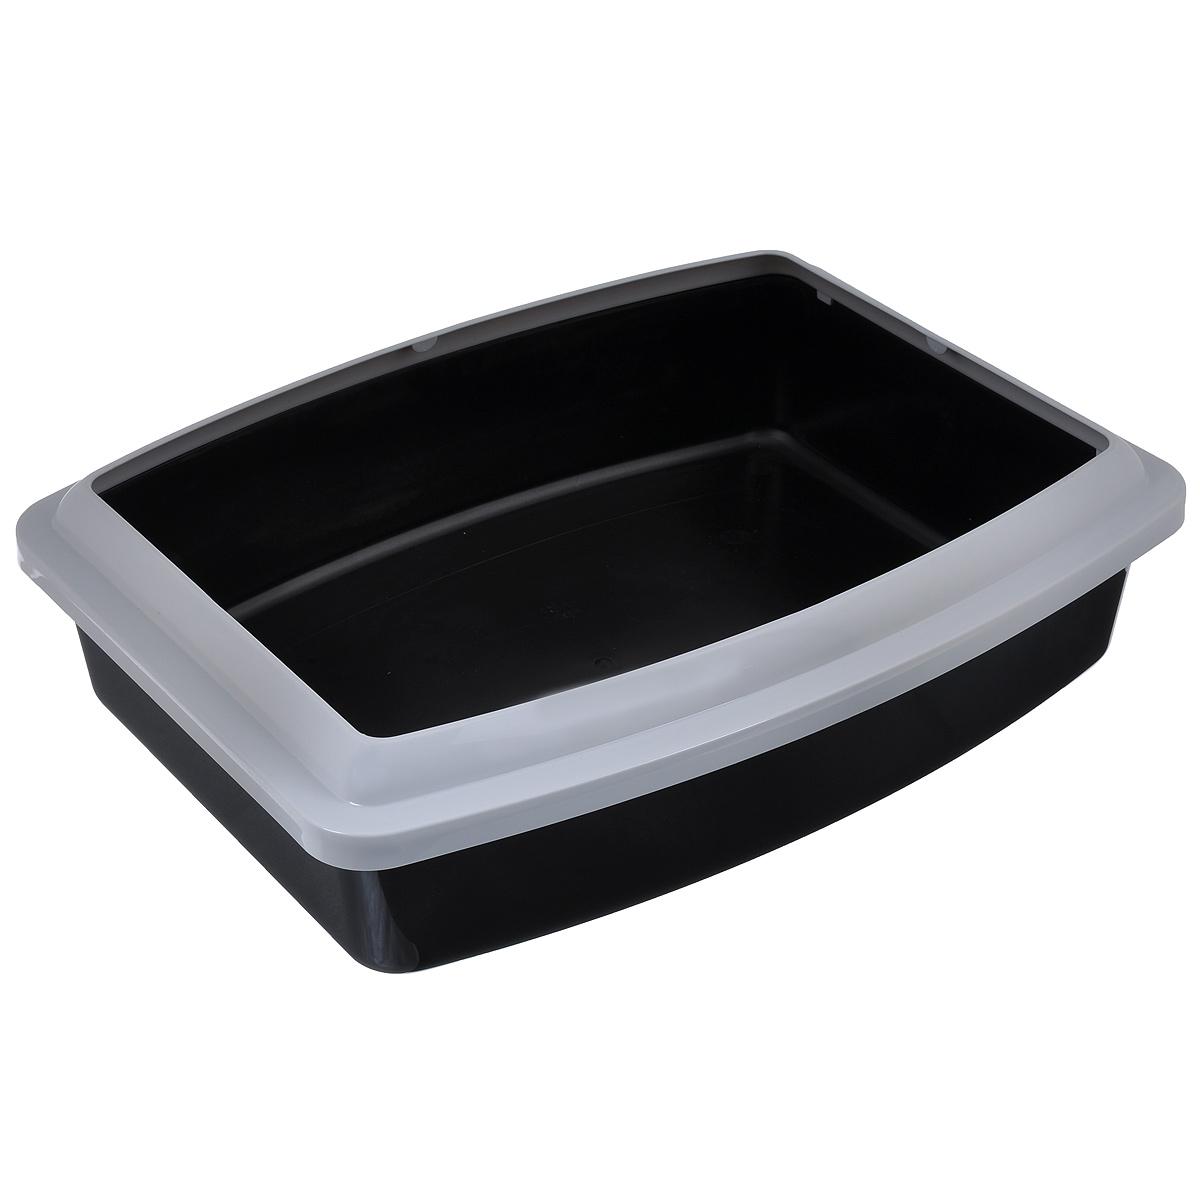 Туалет для кошек Savic Oval Trays Jumbo, с бортом, цвет: черный, серый, 56 х 44 см209_черный, серыйТуалет для кошек Savic Oval Trays Jumbo изготовлен из качественного прочного пластика. Высокий цветной борт, прикрепленный по периметру лотка, удобно защелкивается и предотвращает разбрасывание наполнителя.Это самый простой в употреблении предмет обихода для кошек и котов.